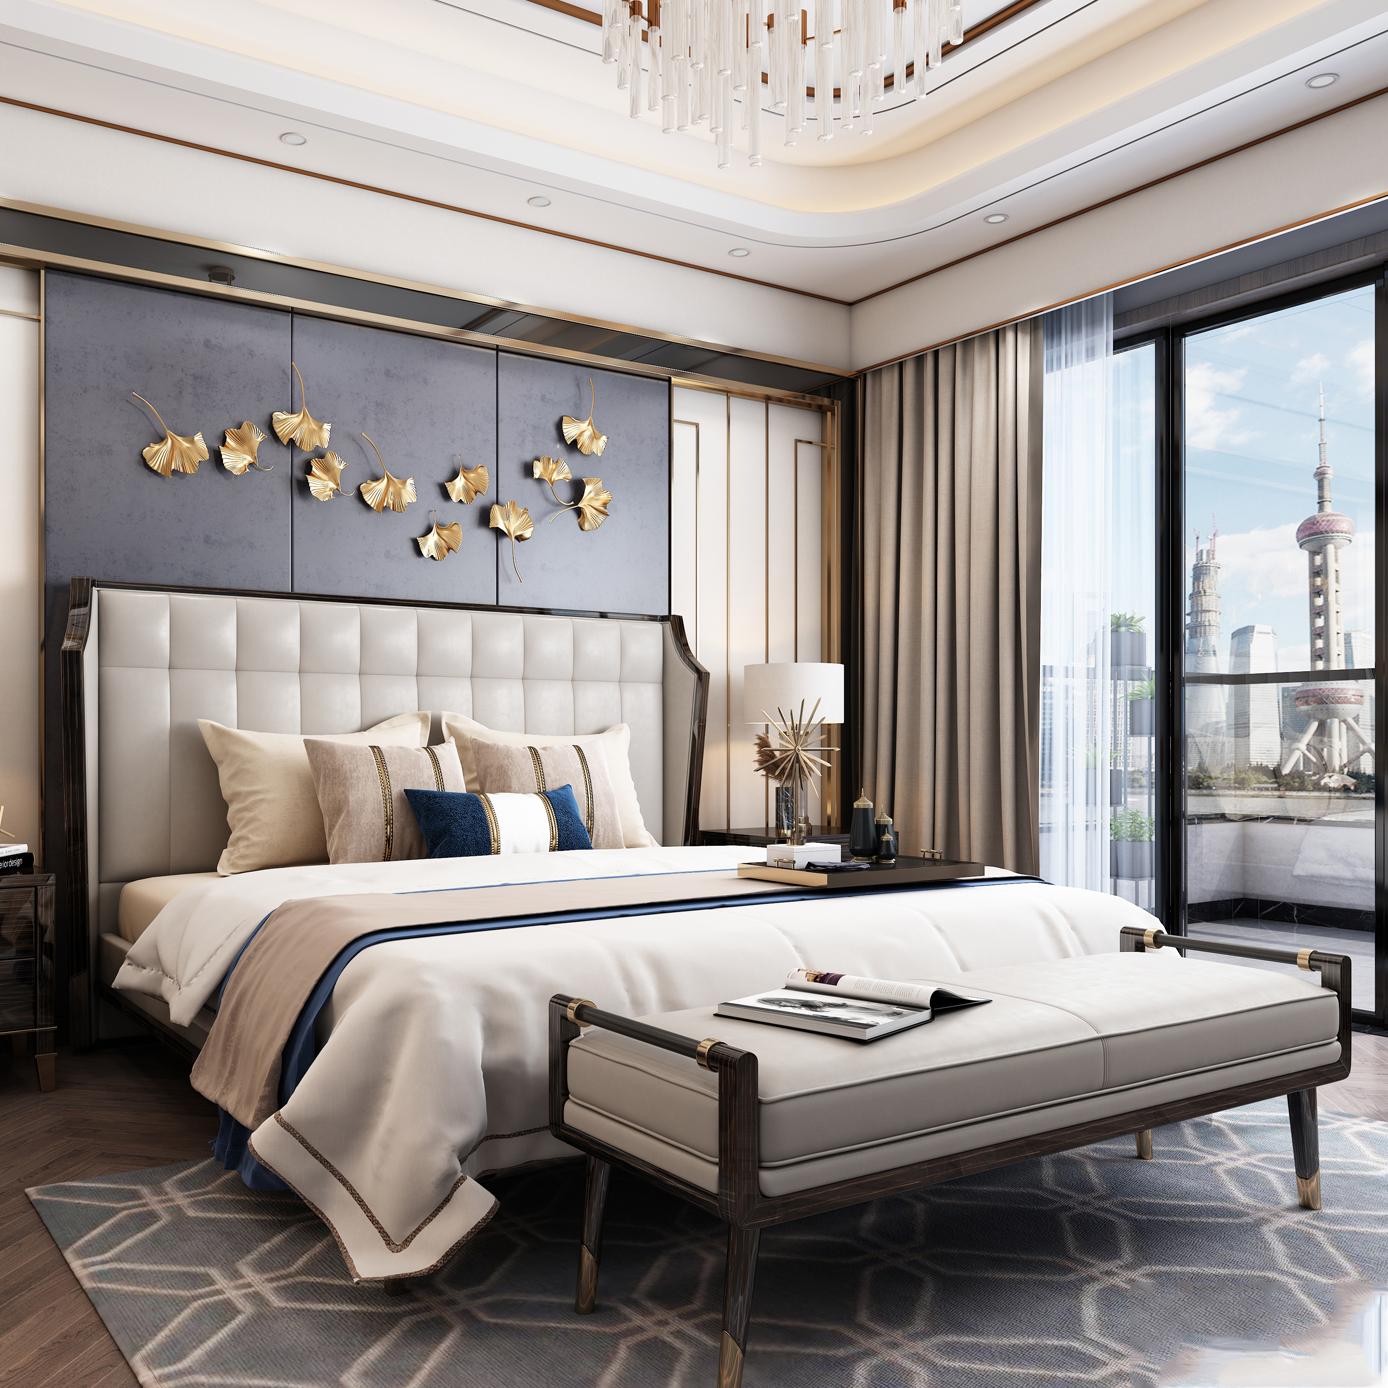 Ai Cập Phòng Ngủ Đồ Nội Thất Đôi Đa Giường Chức Năng Với Ngăn Kéo Thiết Kế